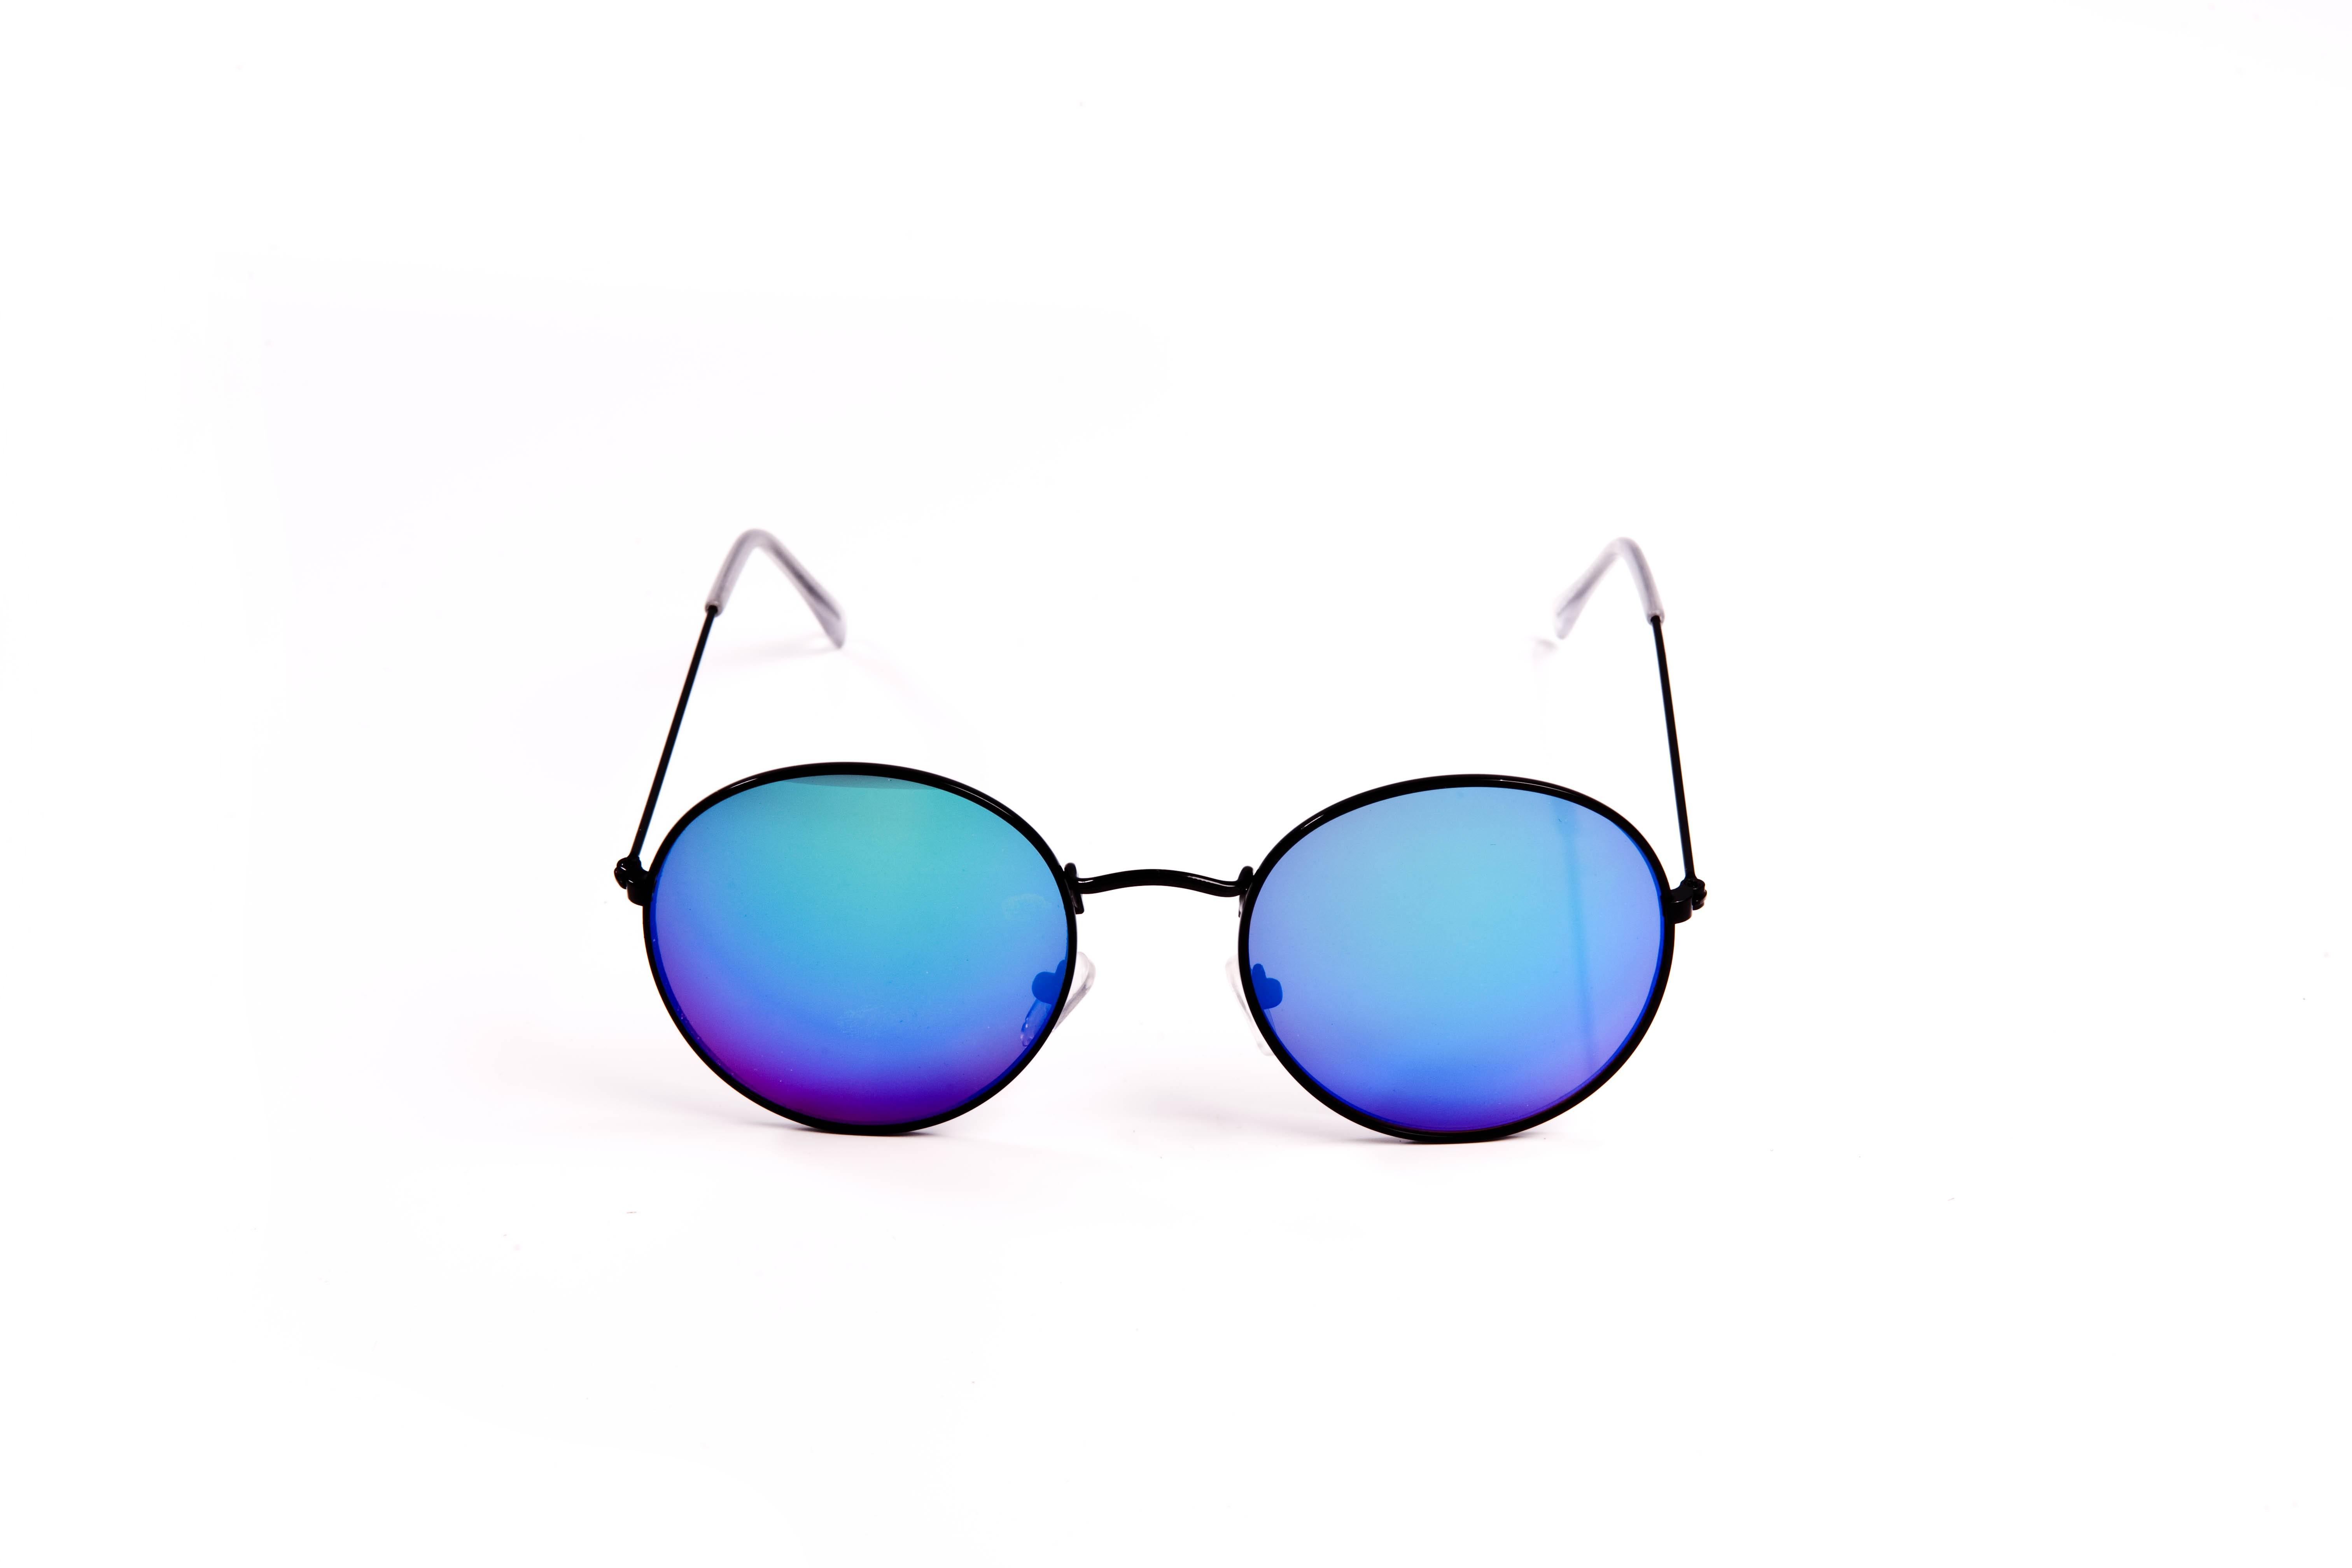 lunette de soleil homme femme accessoire ronde verres miroirs bleus tilt vintage. Black Bedroom Furniture Sets. Home Design Ideas